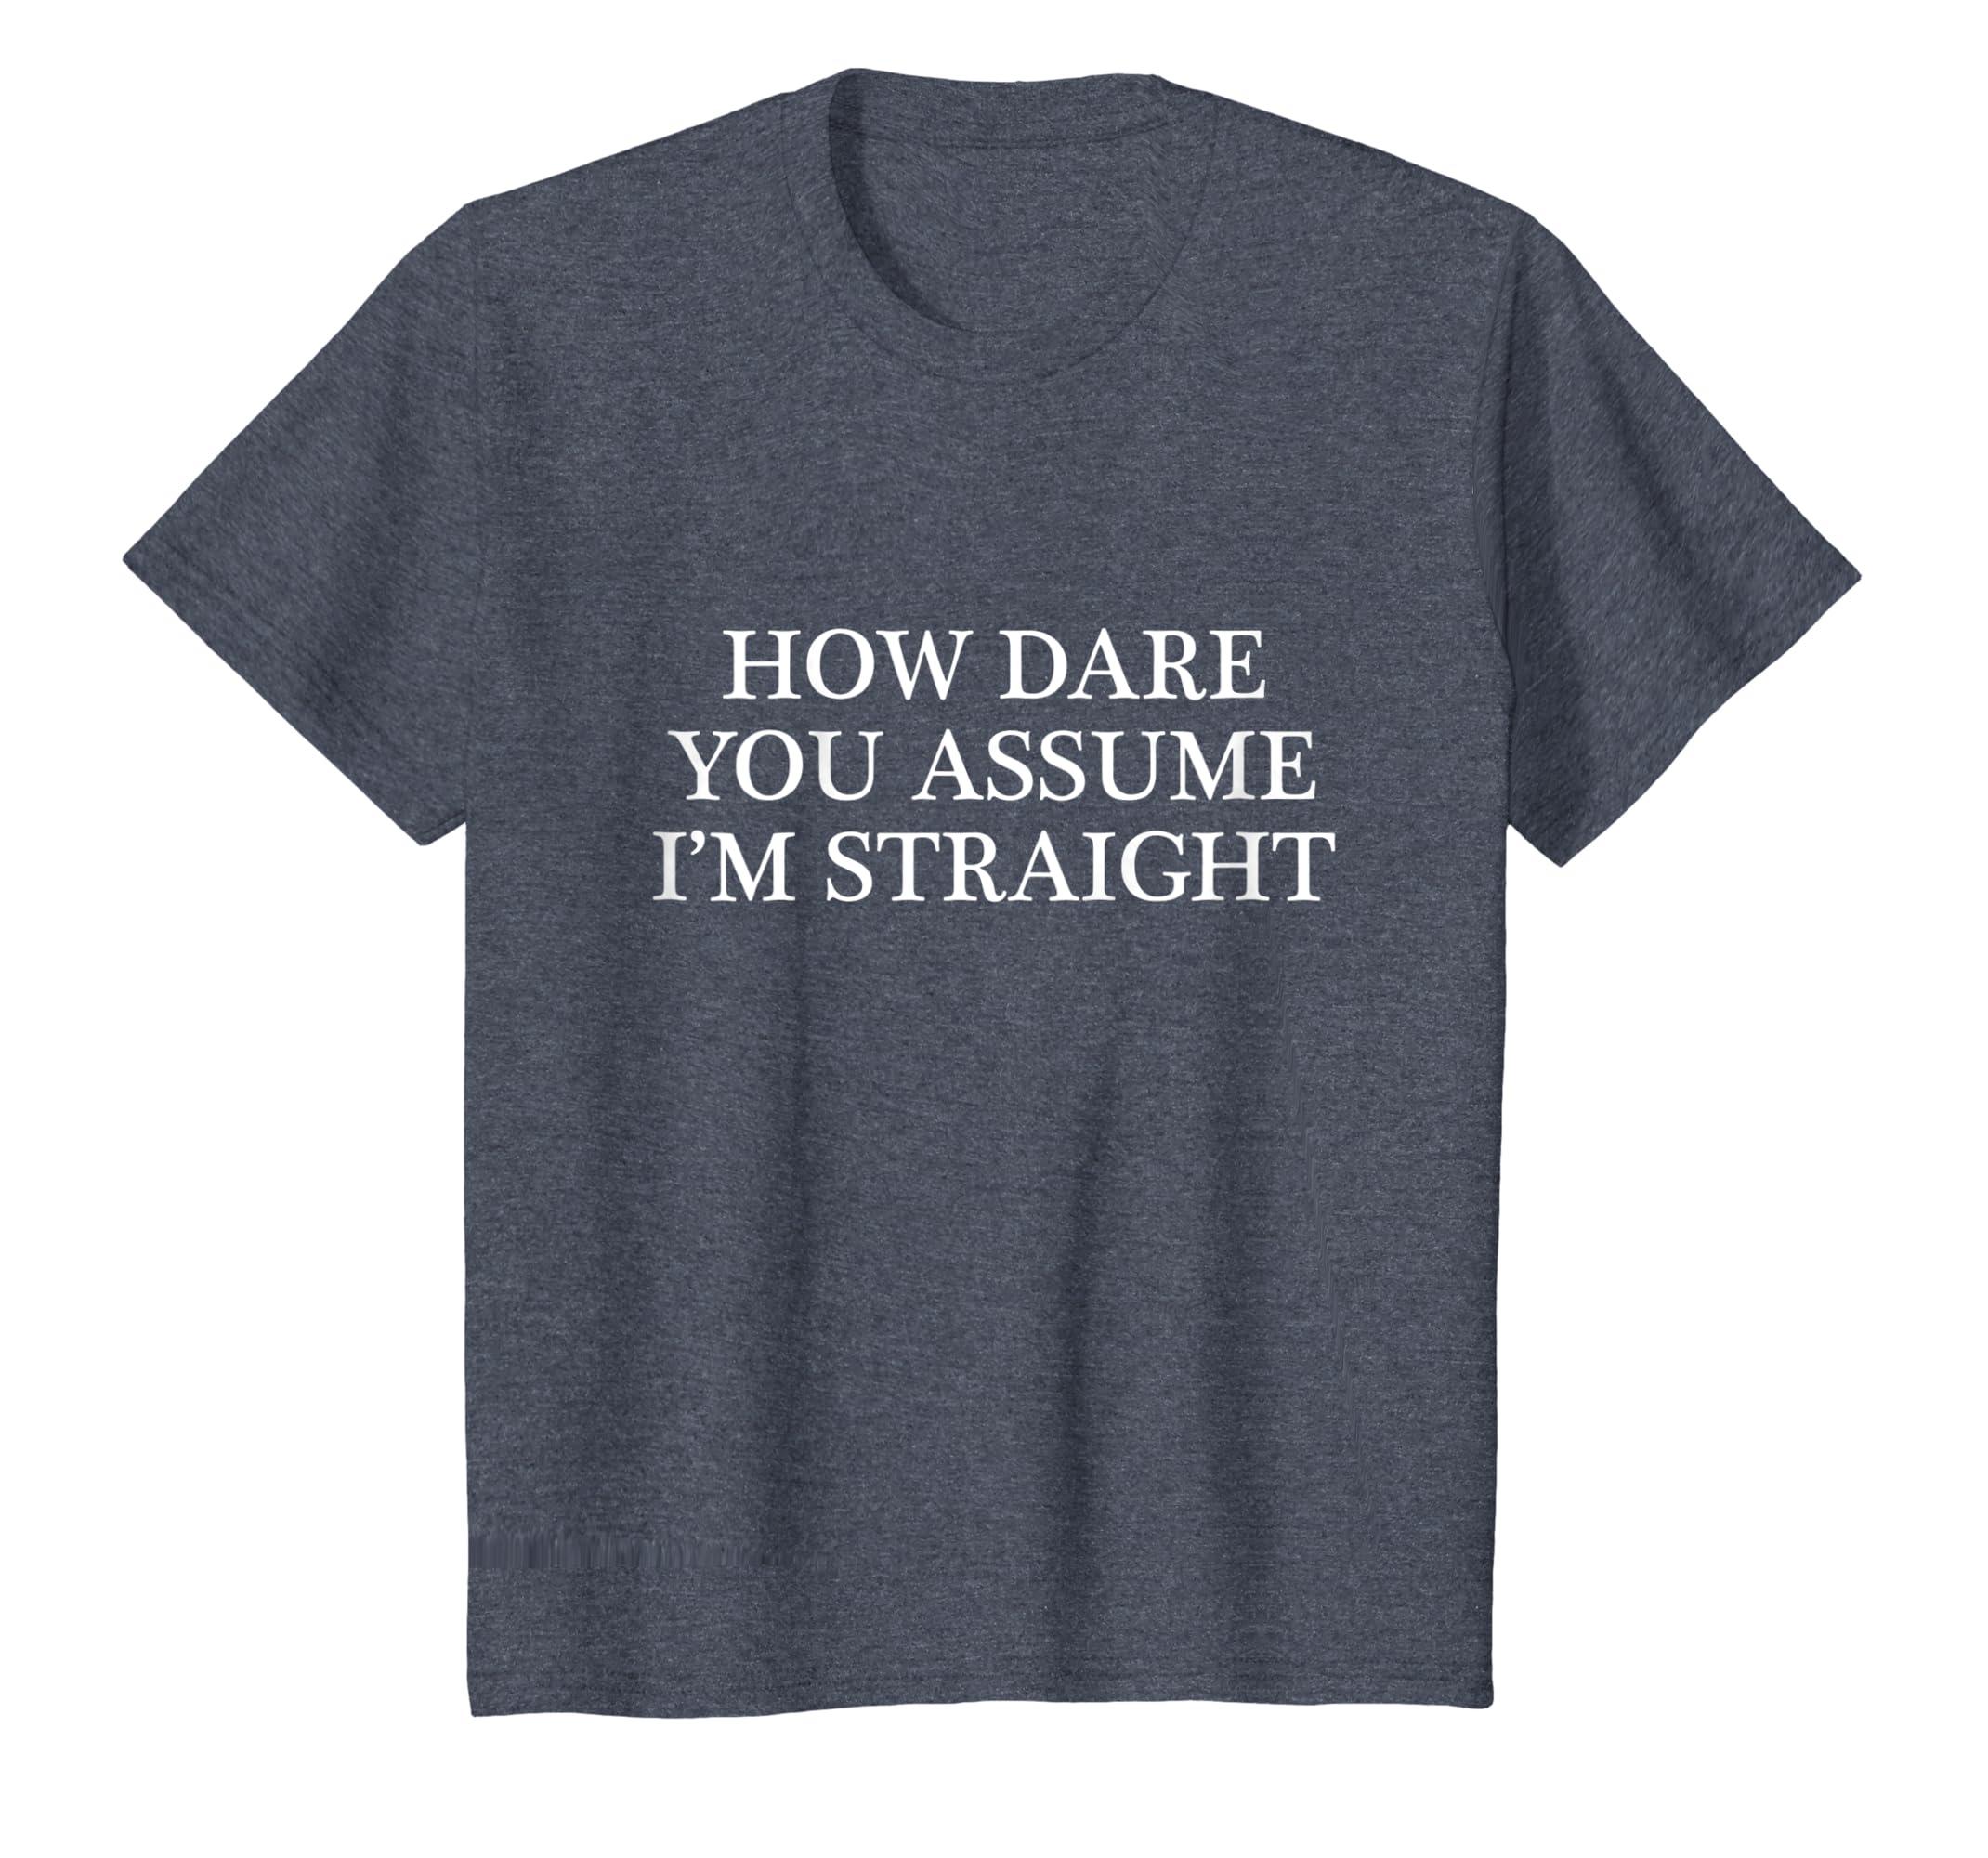 c68a2c8e Amazon.com: How DARE you Assume I'm STRAIGHT - T-Shirt | Funny Gay LGBTQ:  Clothing